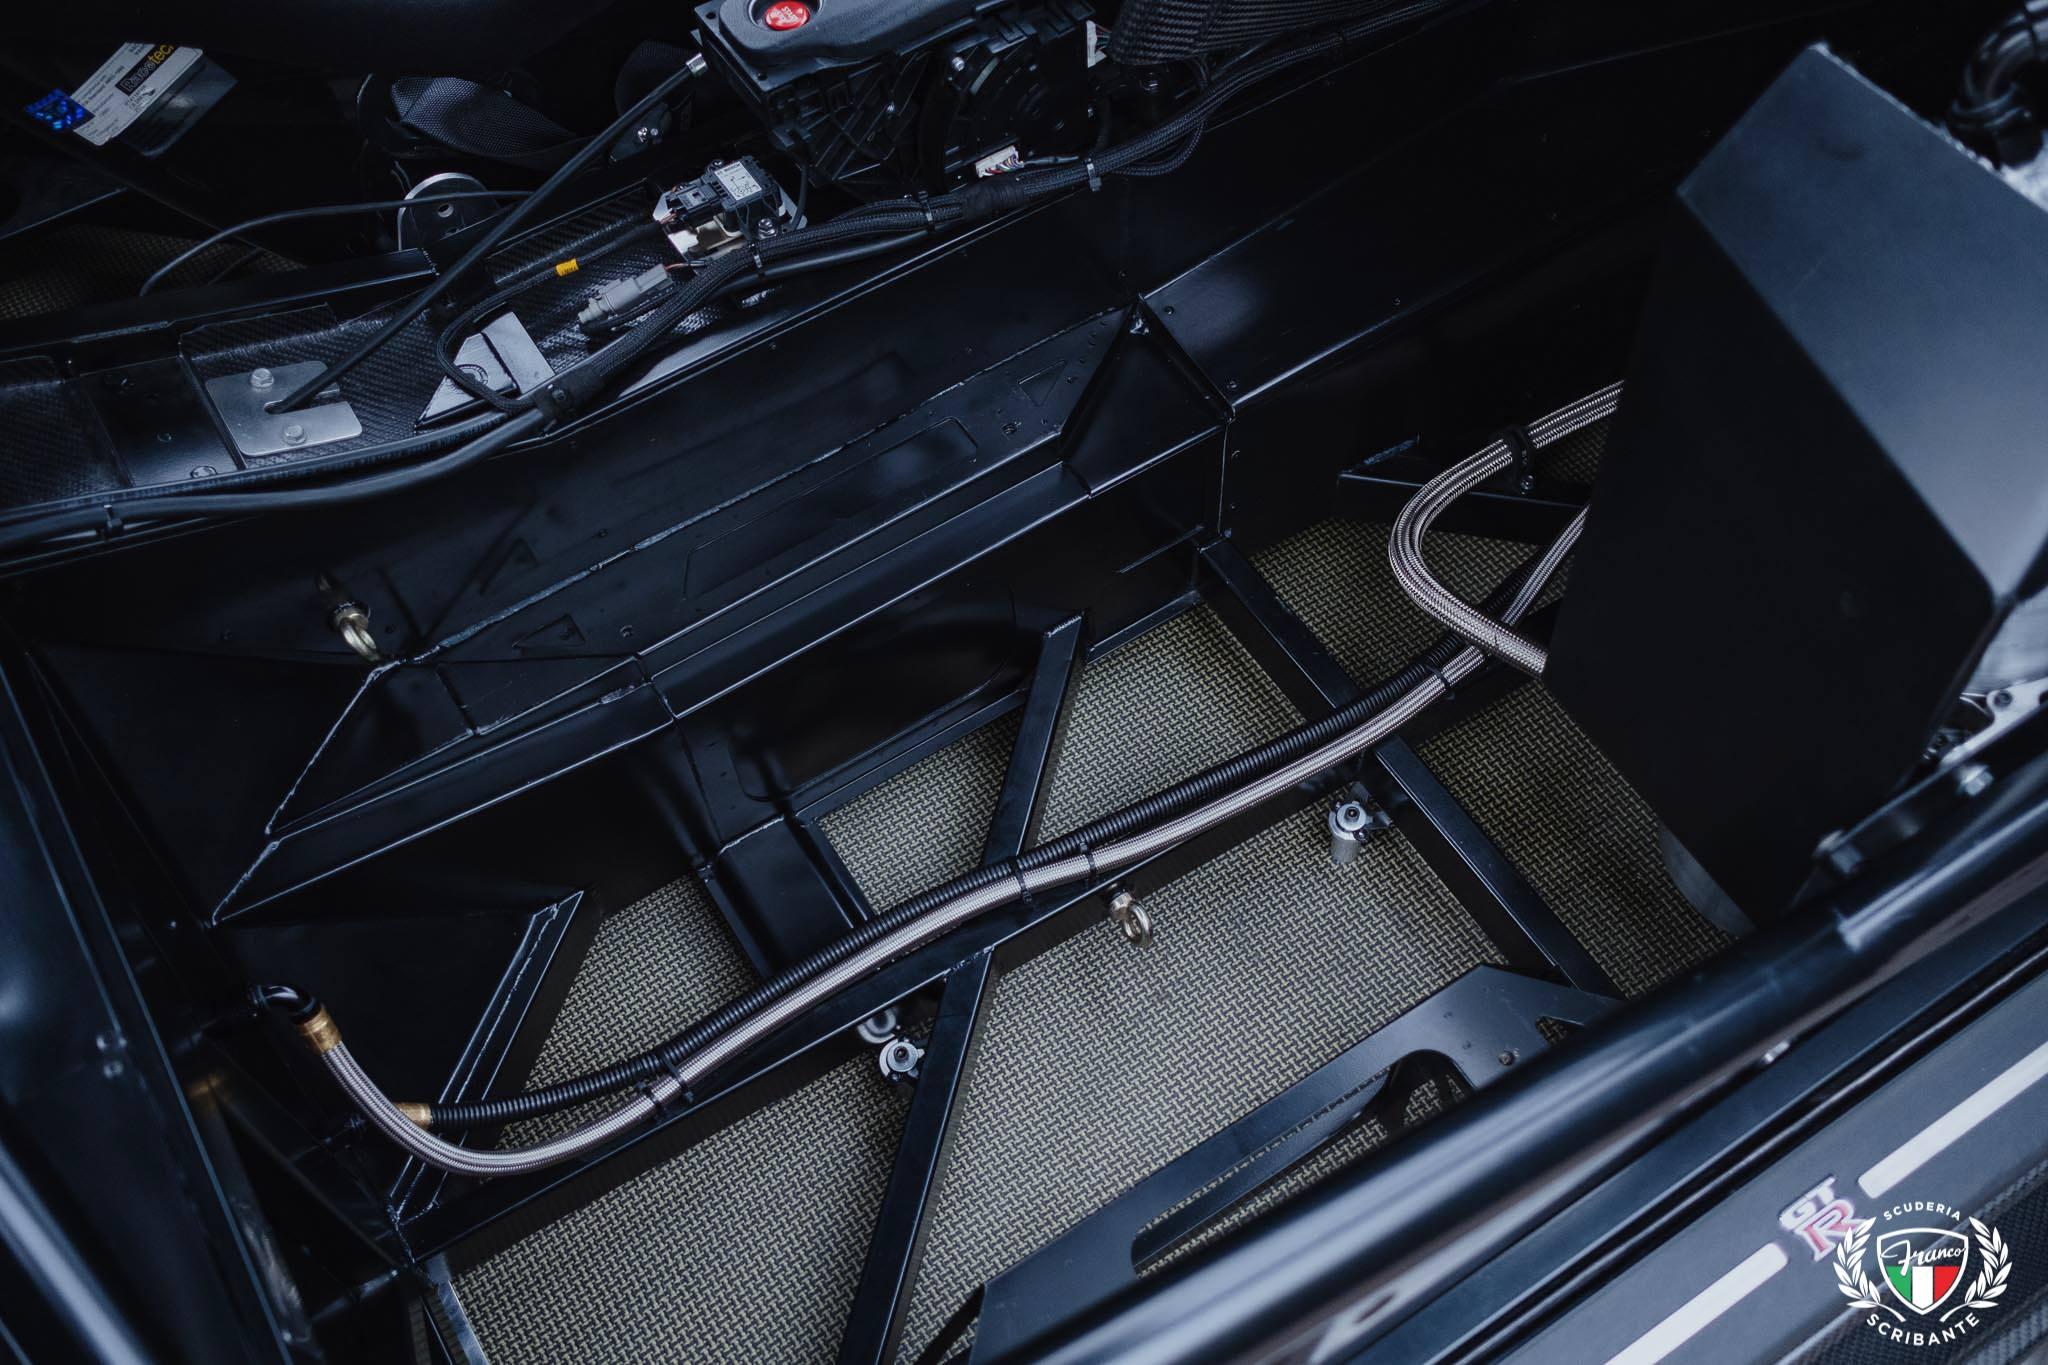 Nissan_GT-R_hillclimb_0018